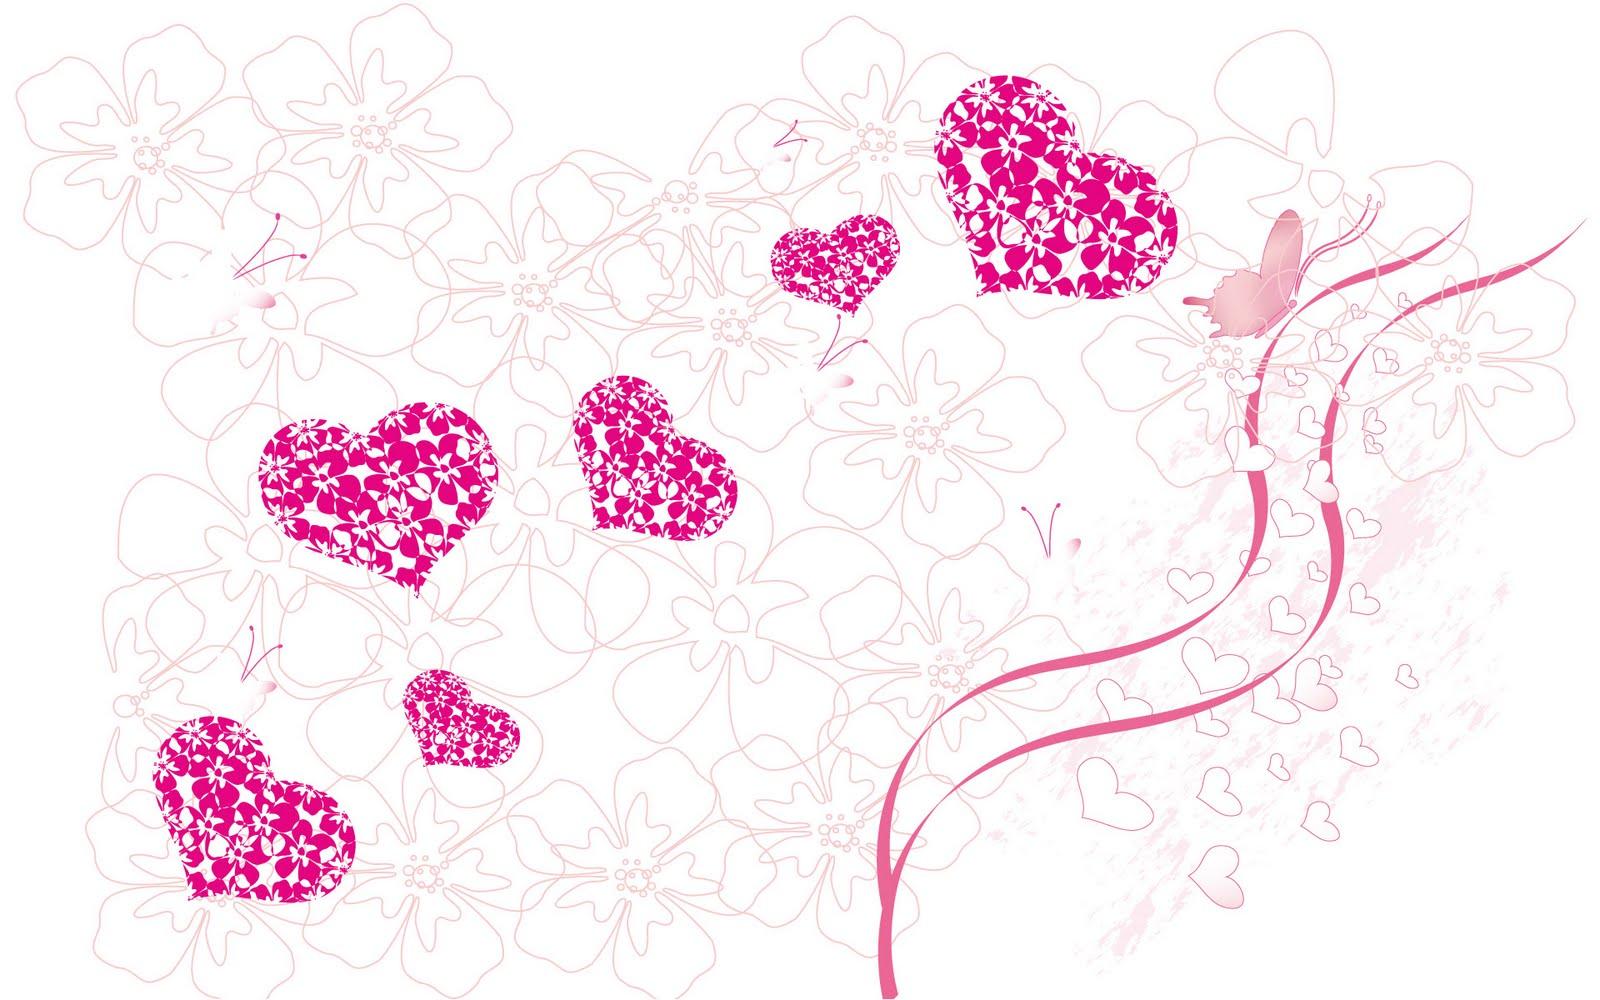 ilona wallpapers 10 romantic - photo #11